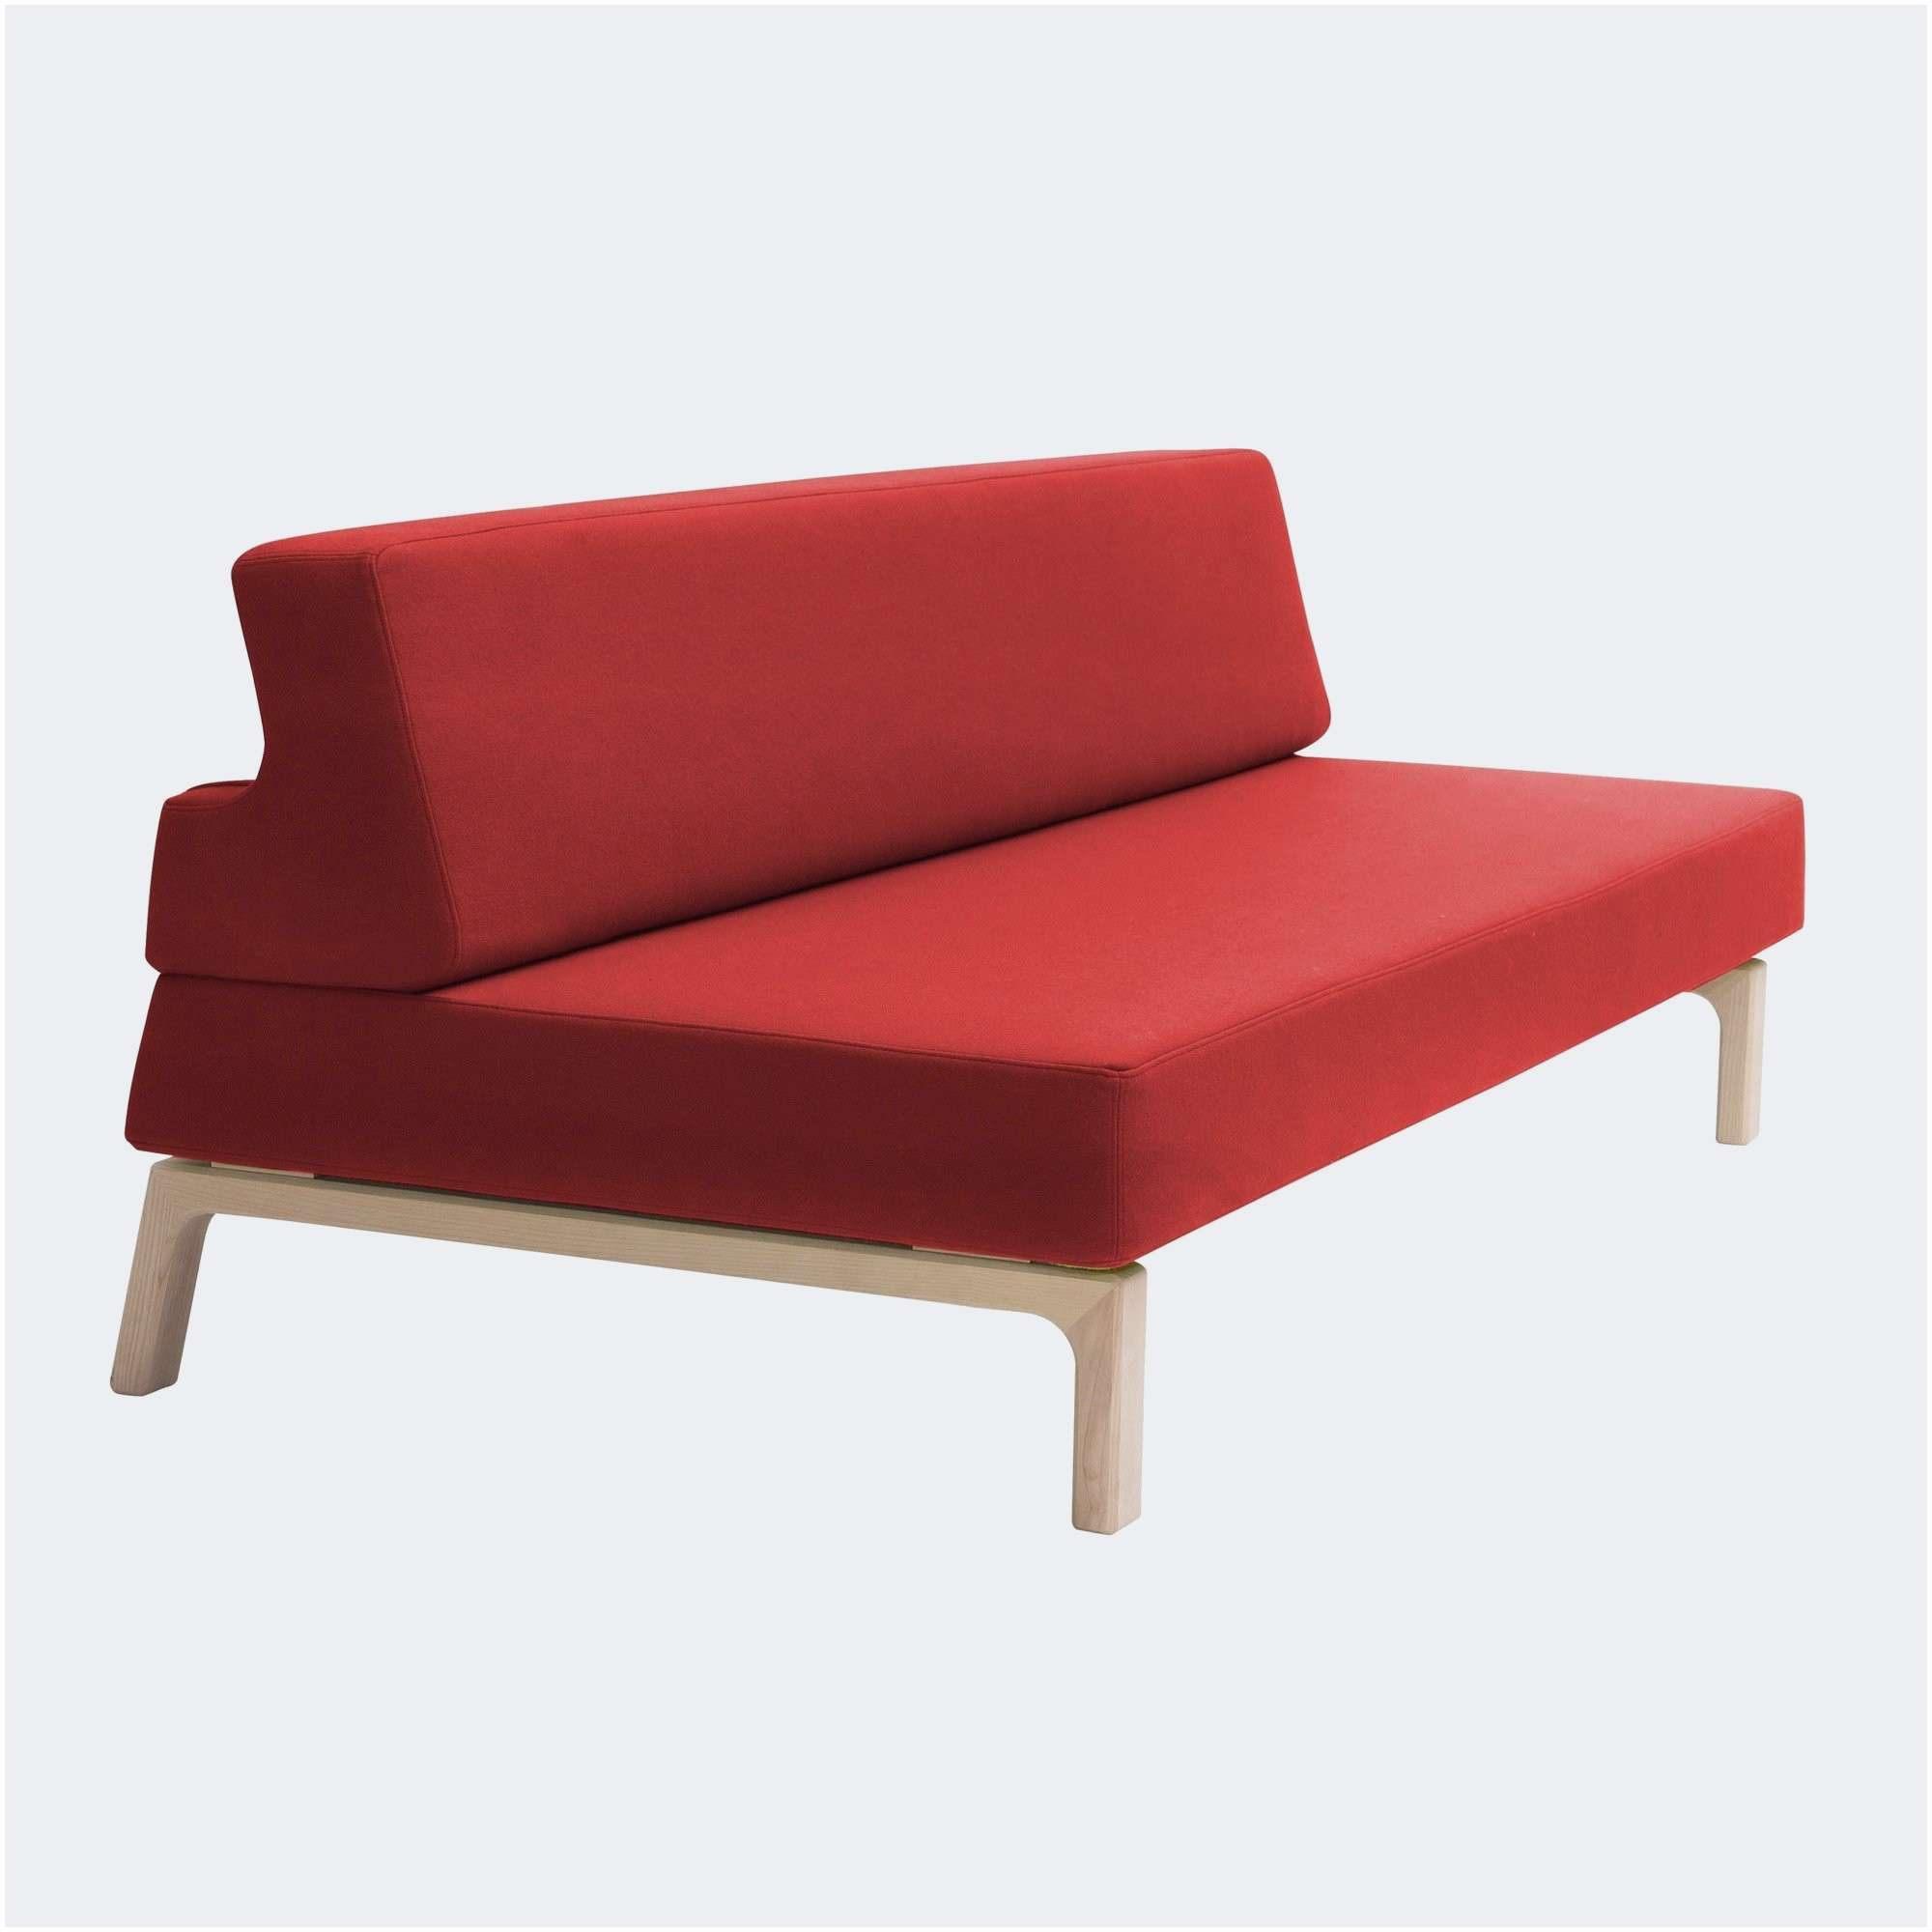 Canapé Lit Petit Espace Nouveau Beau Canapé 2 Angles Canap Lit Rouge 3 C3 A9 Design Tgm872 ton Pour